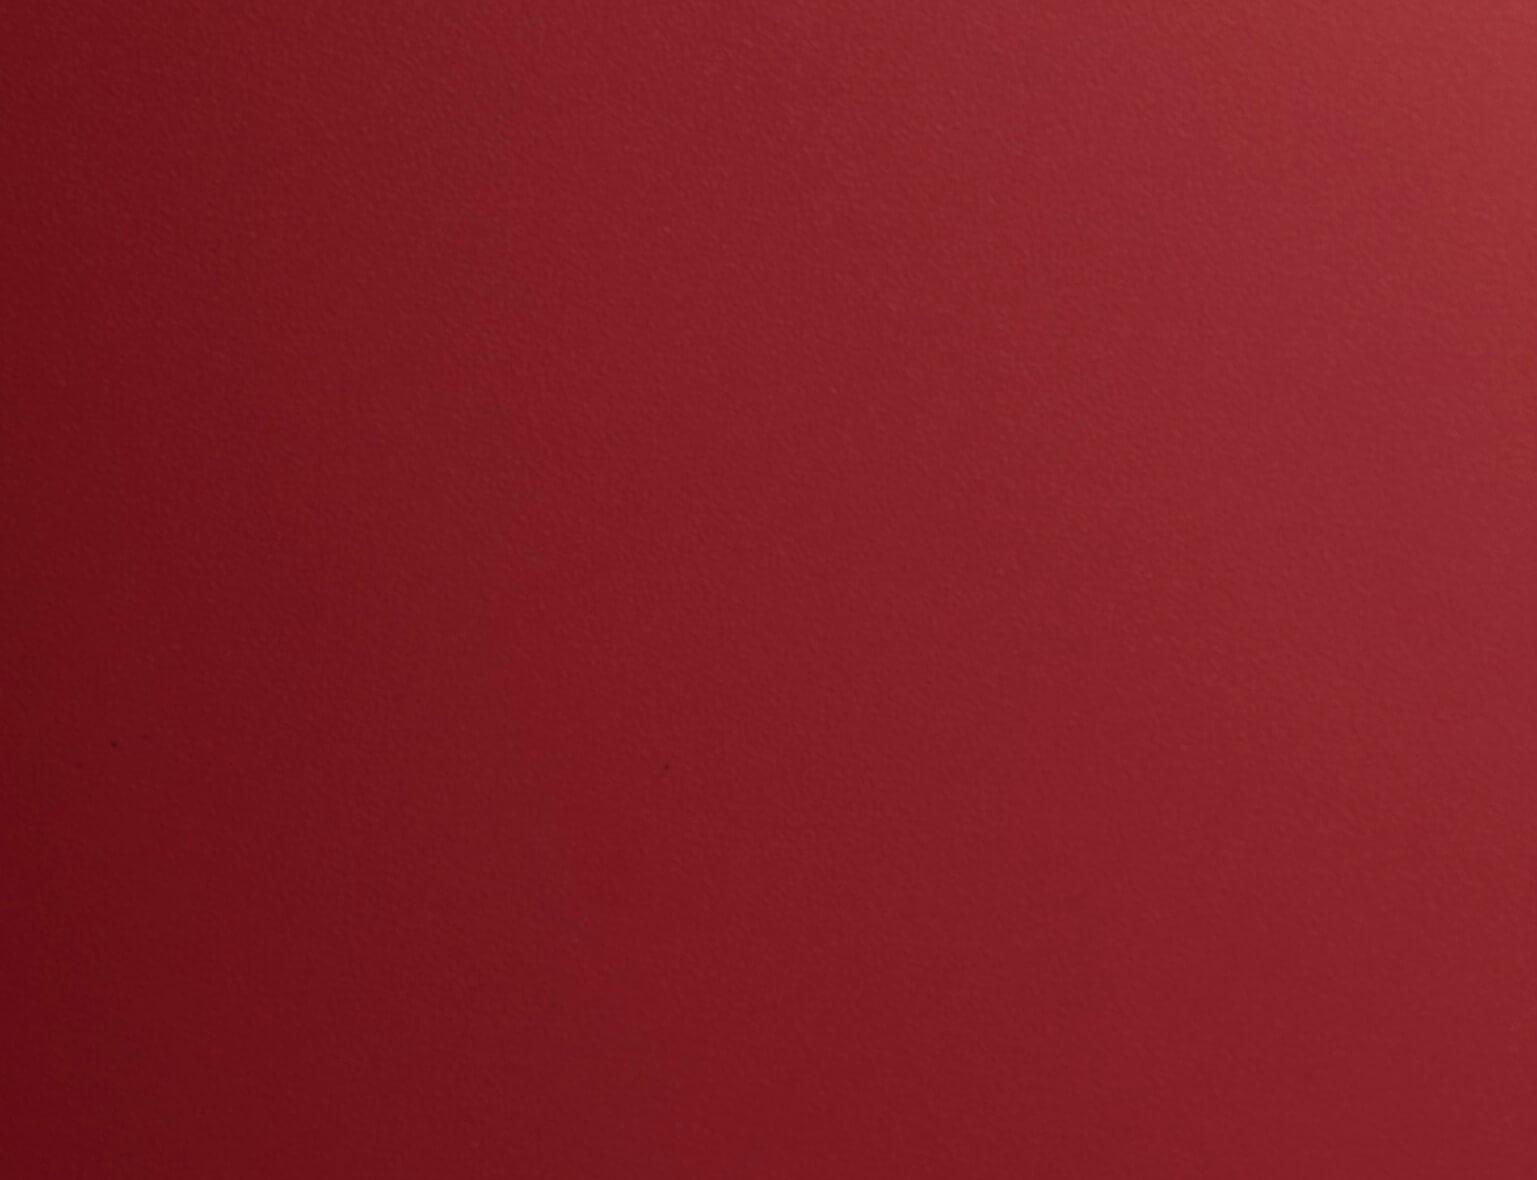 Rojo colorado